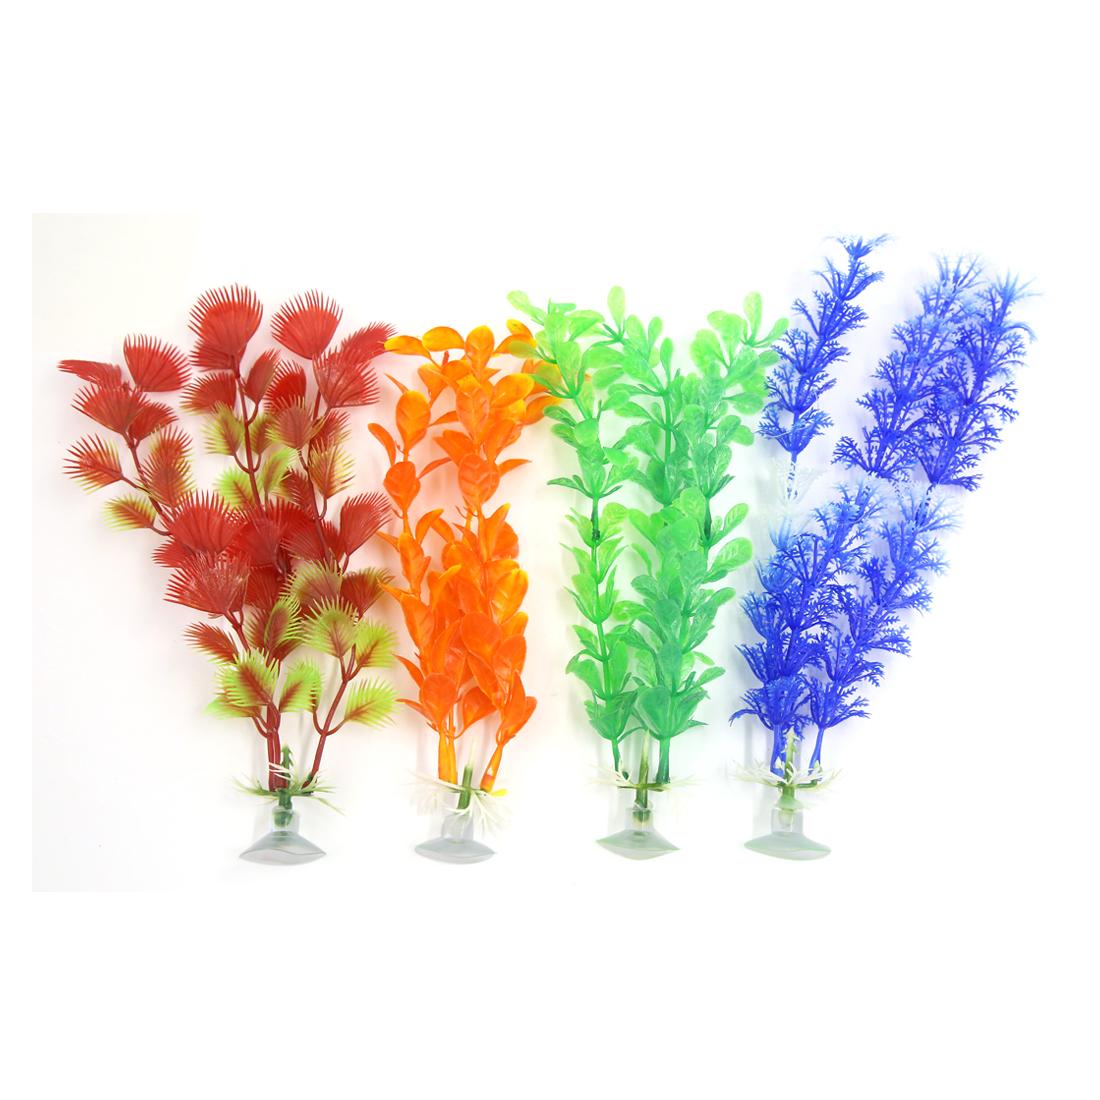 4 Pcs Aquarium Ornament Plastic Decoration Plant With Suction Cup For Fish Tank